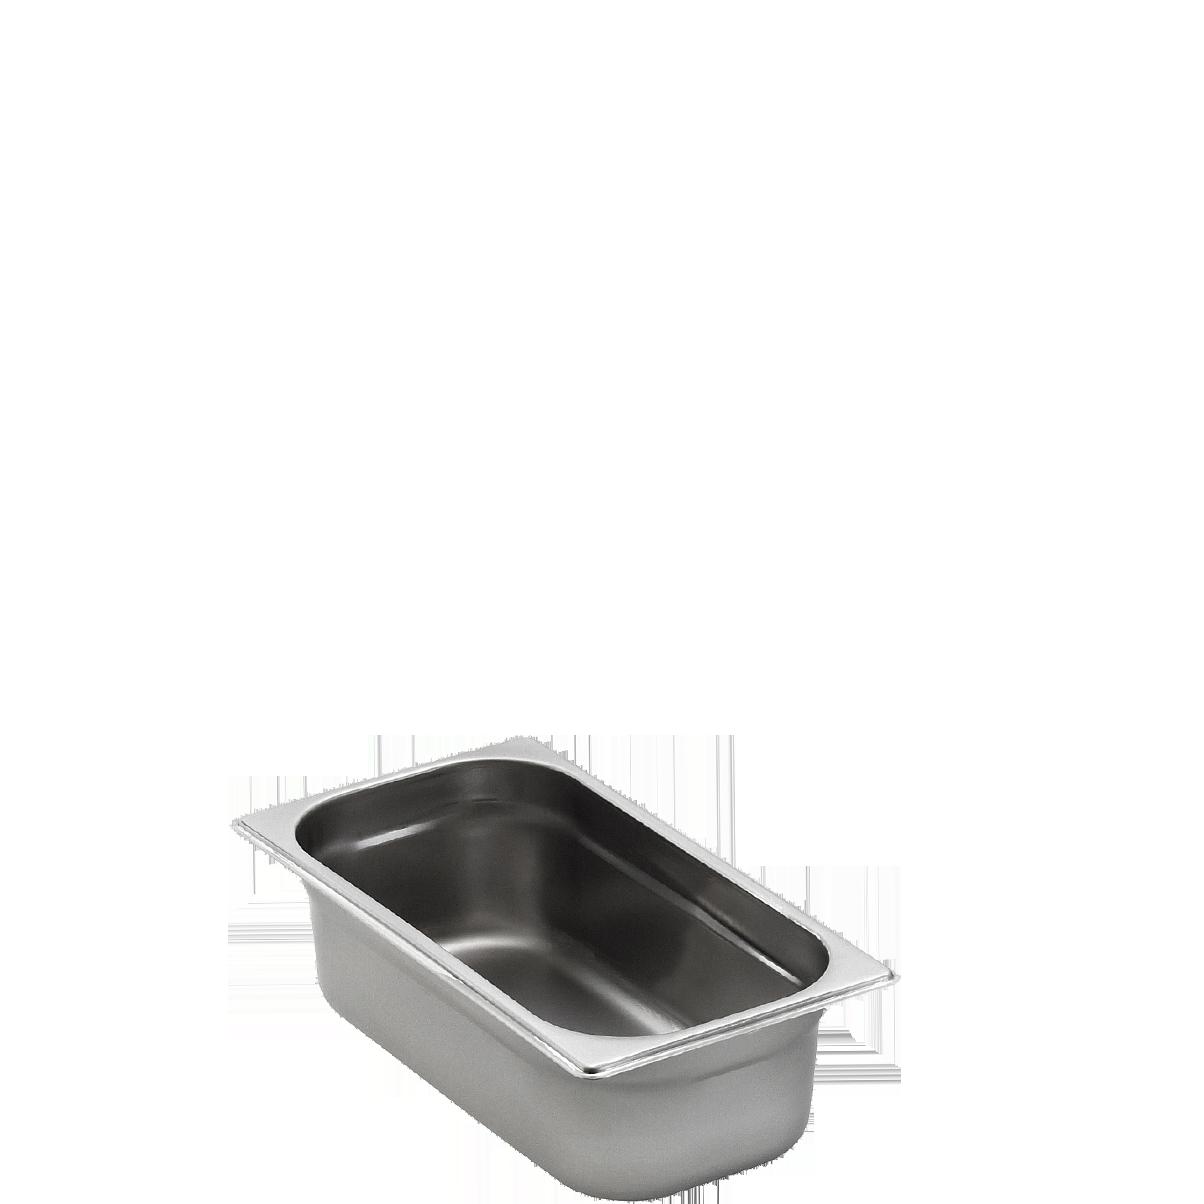 1/3 GN-Behälter für Chafing Dish (100mm)